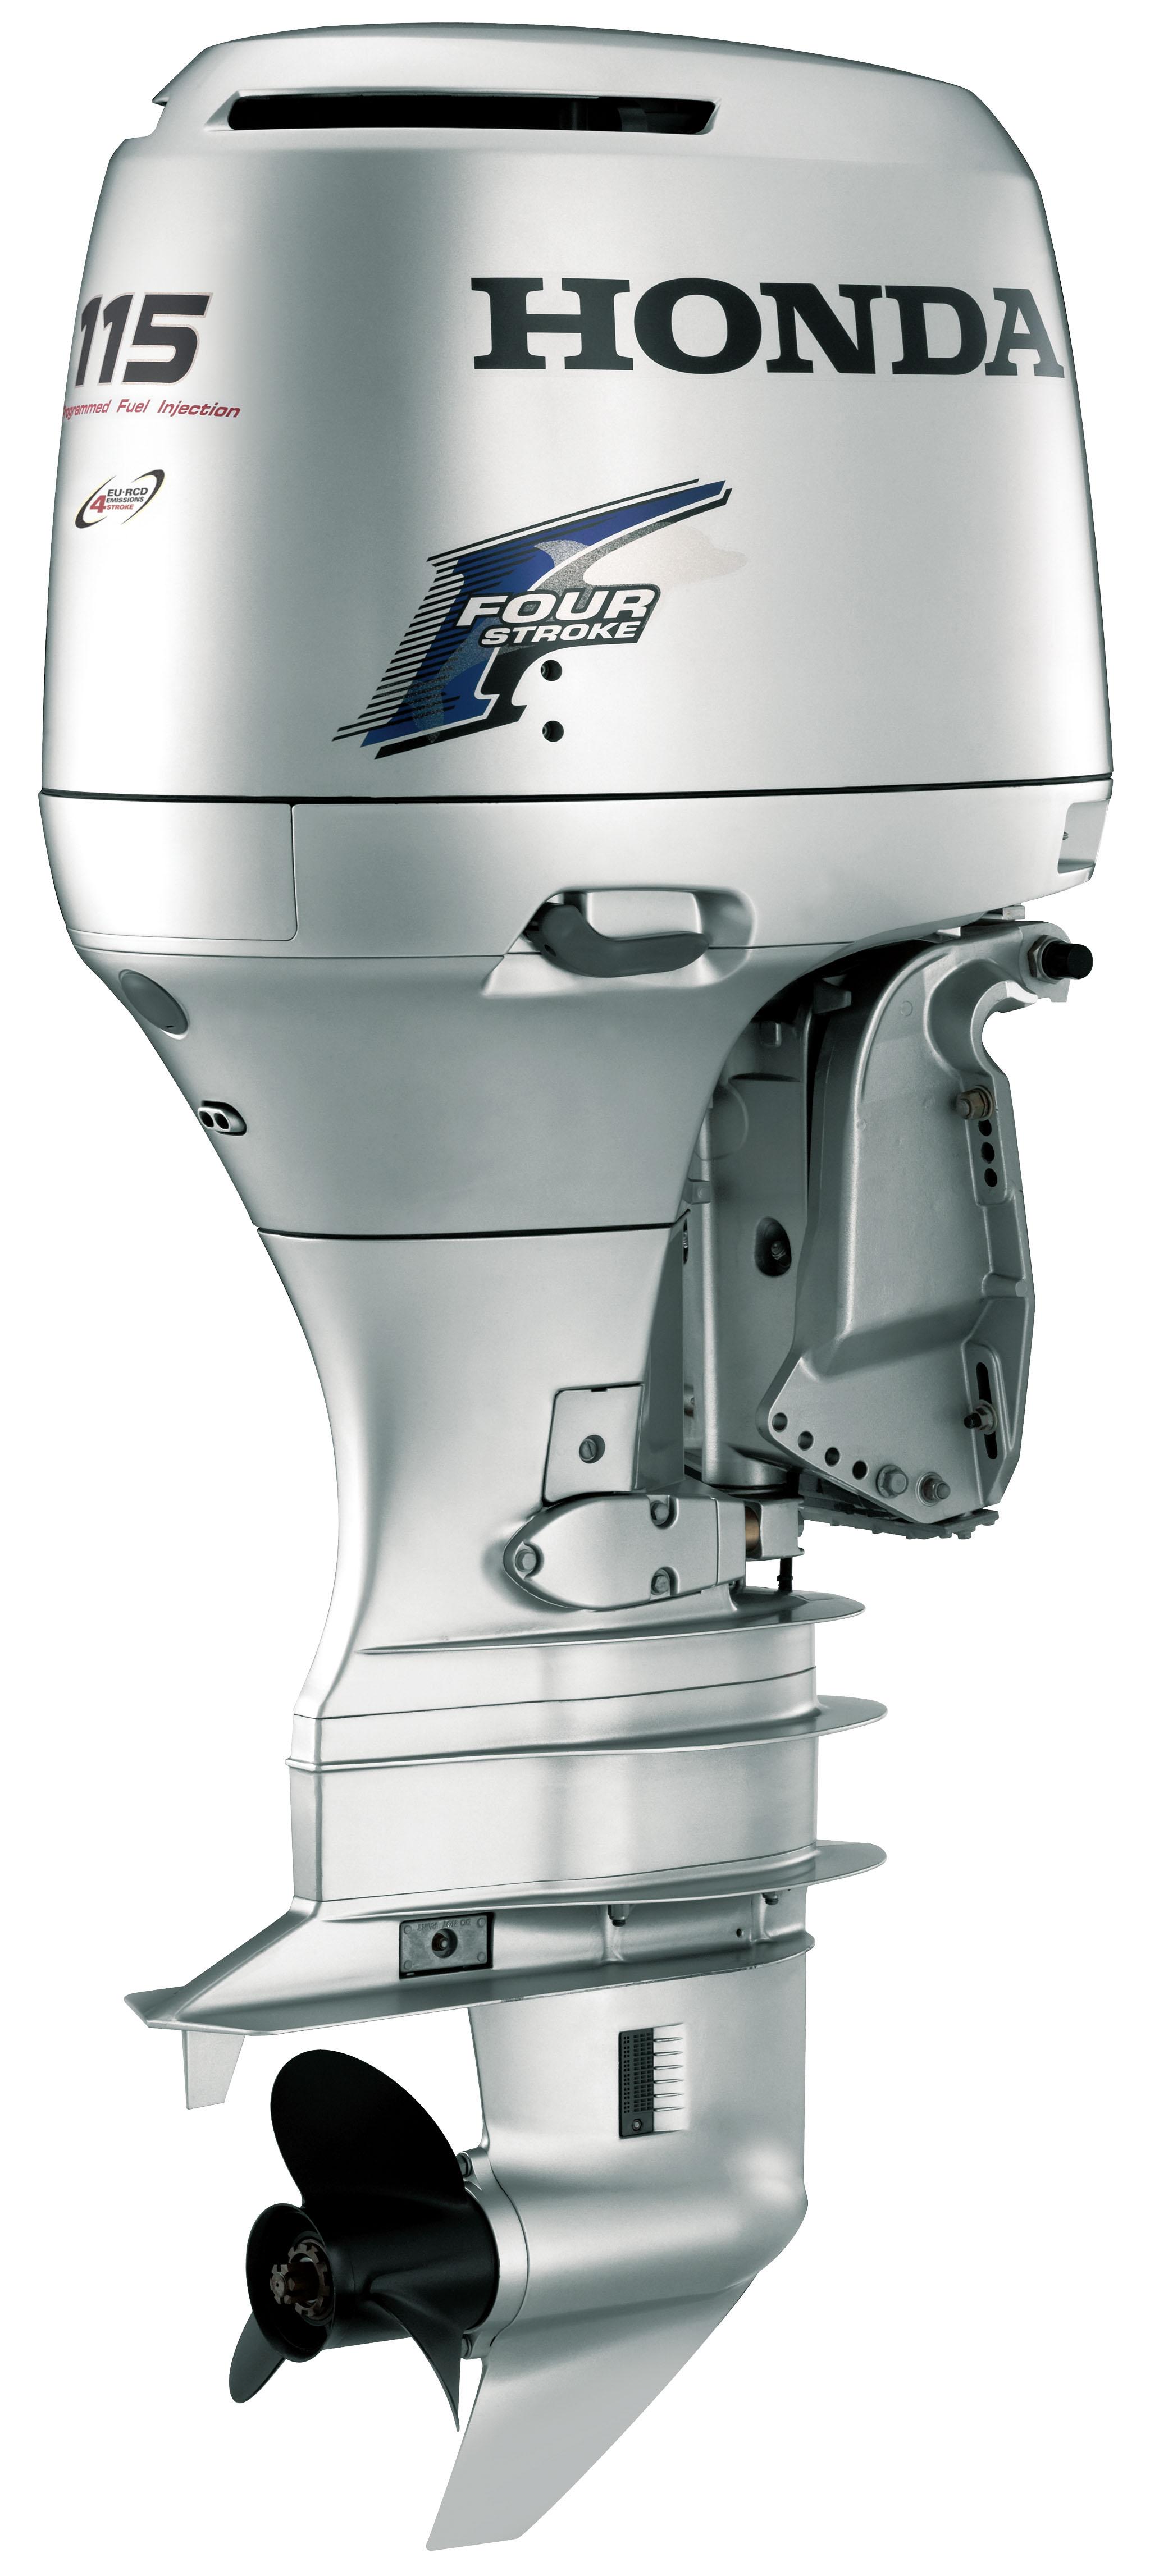 инструкция по эксплуатации лодочных моторов хонда - 30